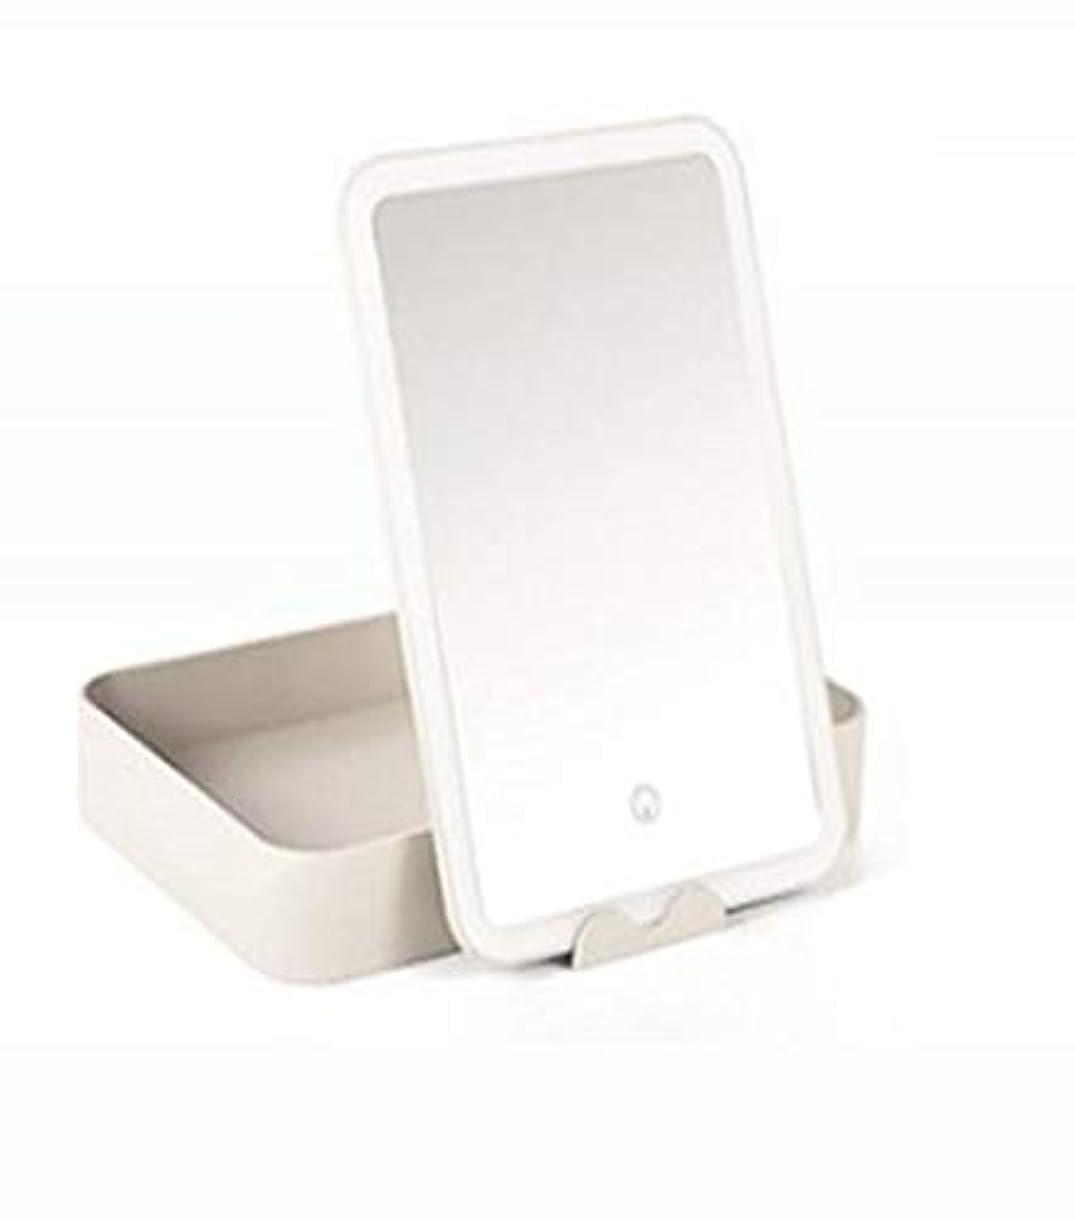 矛盾する空したがって化粧鏡、大容量収納ボックス化粧ギフト付き白色LEDライト化粧鏡